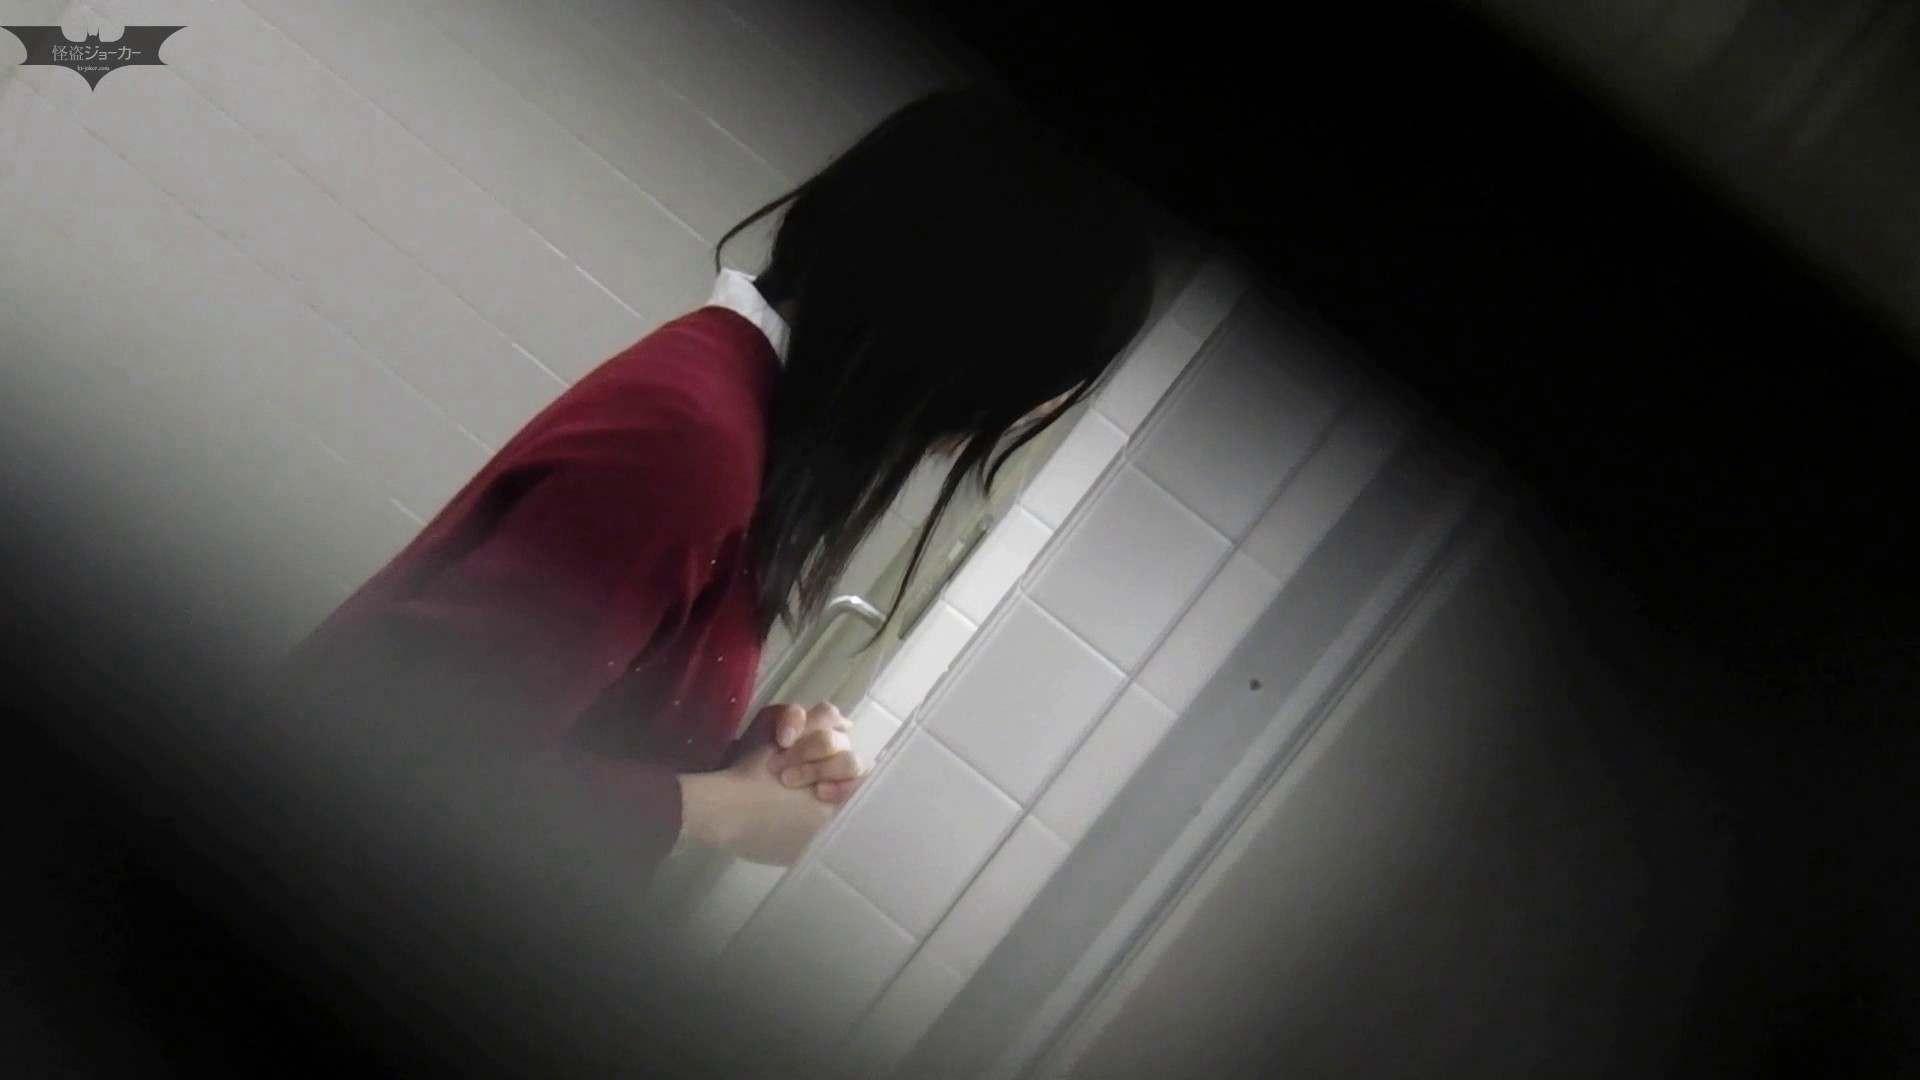 お銀さん vol.59 ピンチ!!「鏡の前で祈る女性」にばれる危機 洗面所着替え | OL  48連発 5